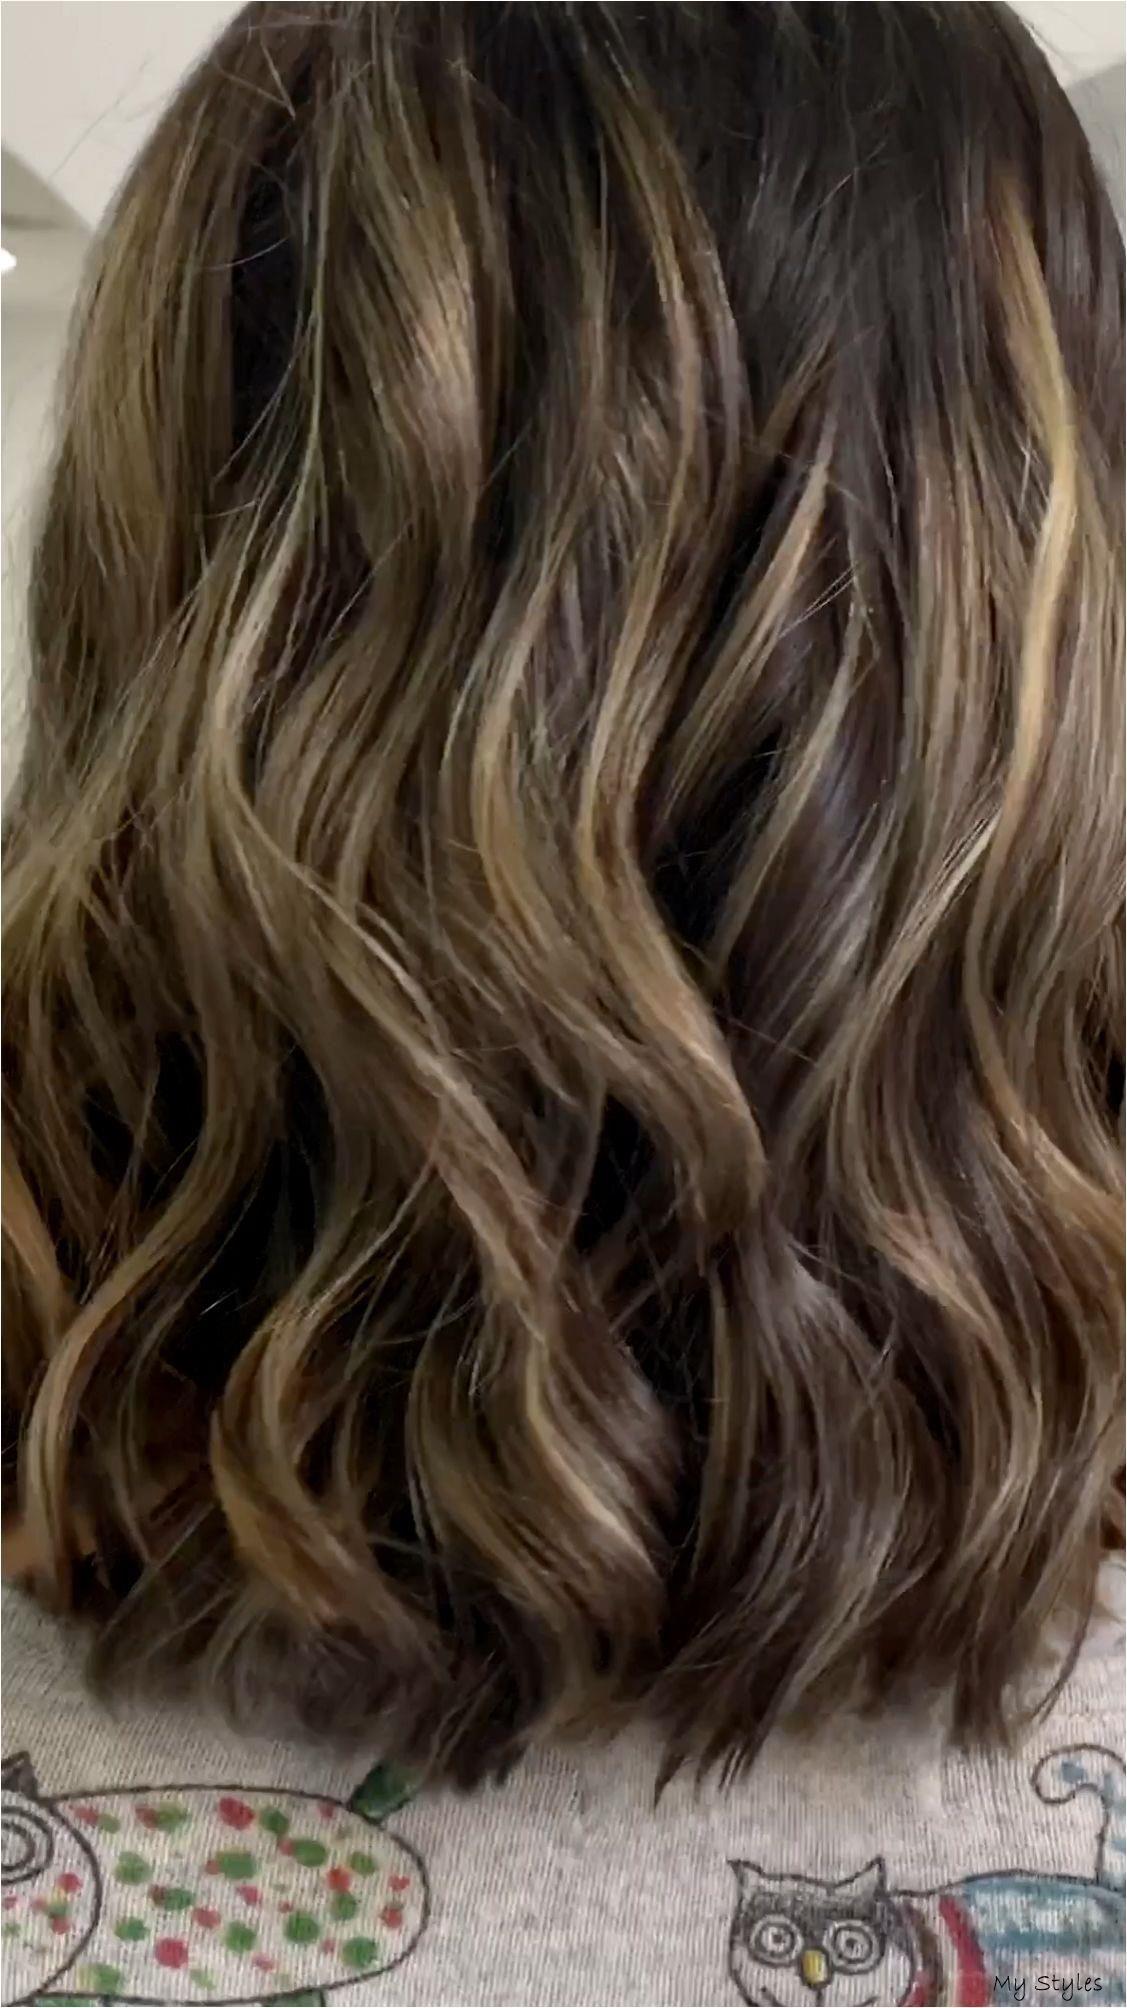 Jan 17 2020 Unas Mechas Muy Claras Cuando Necesita Subir Ma S De 5 Tonos In 2020 Hair Highlights Balayage Hair Front Hair Styles